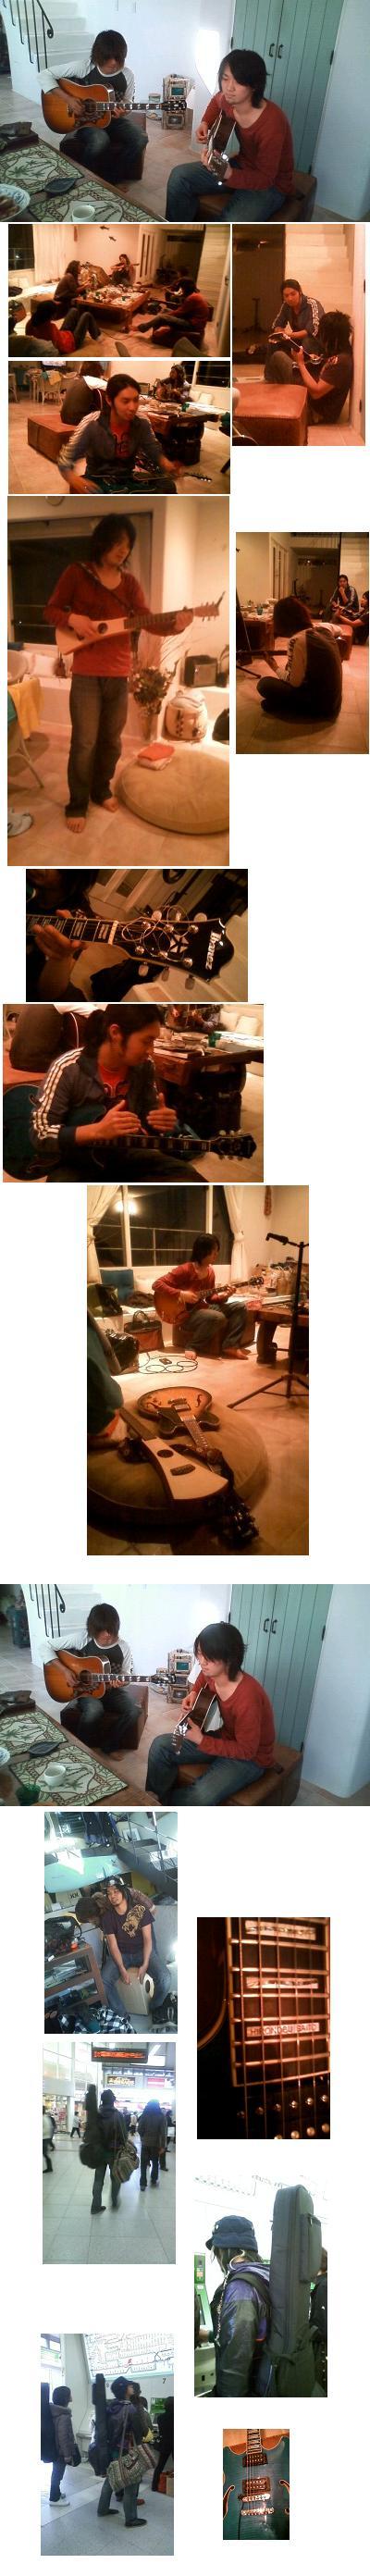 2008 11 wai wai.JPG